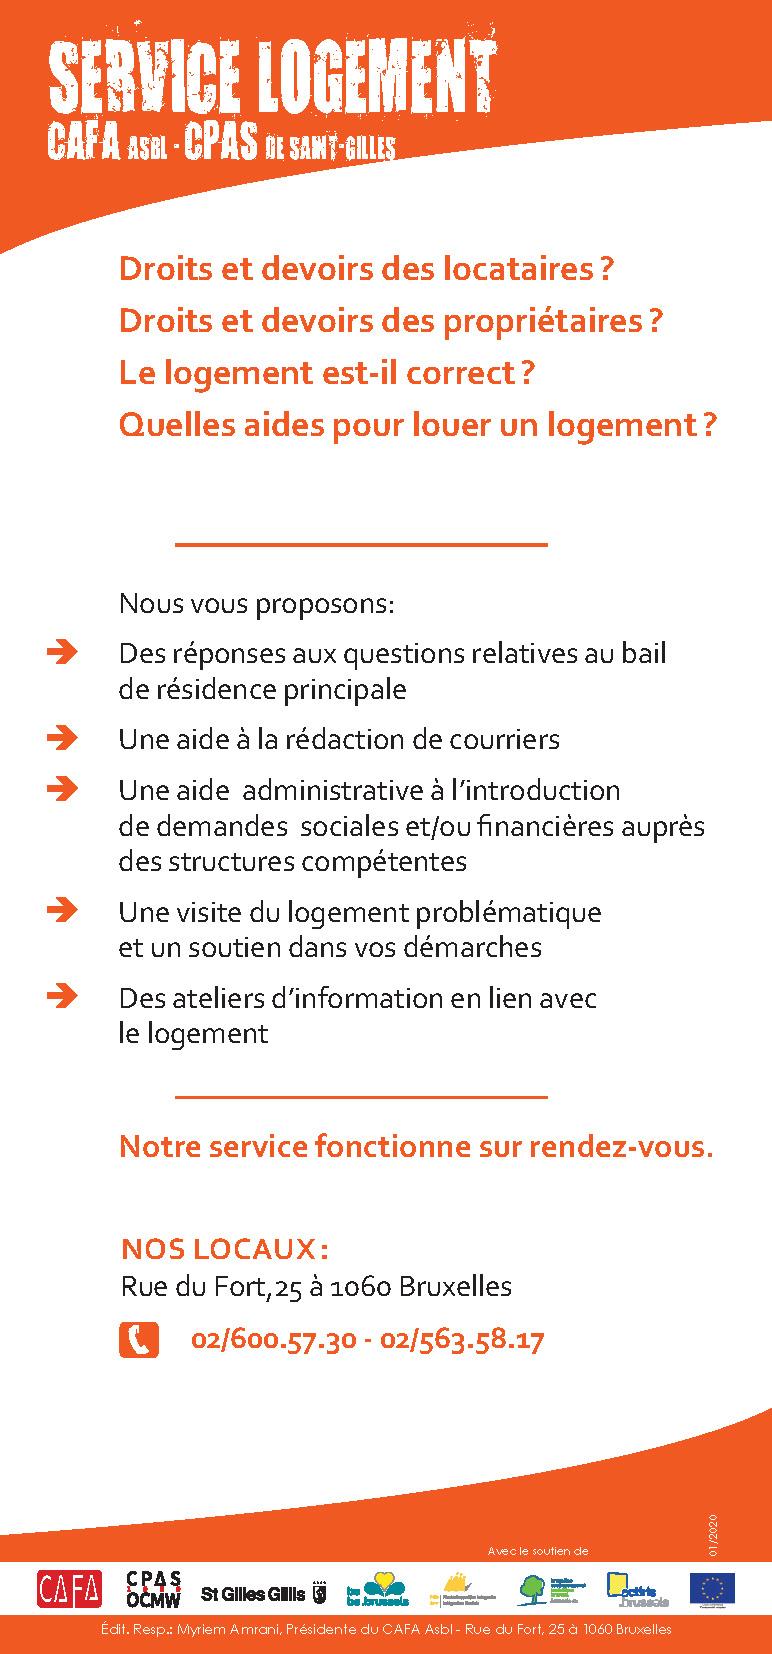 Service Logement